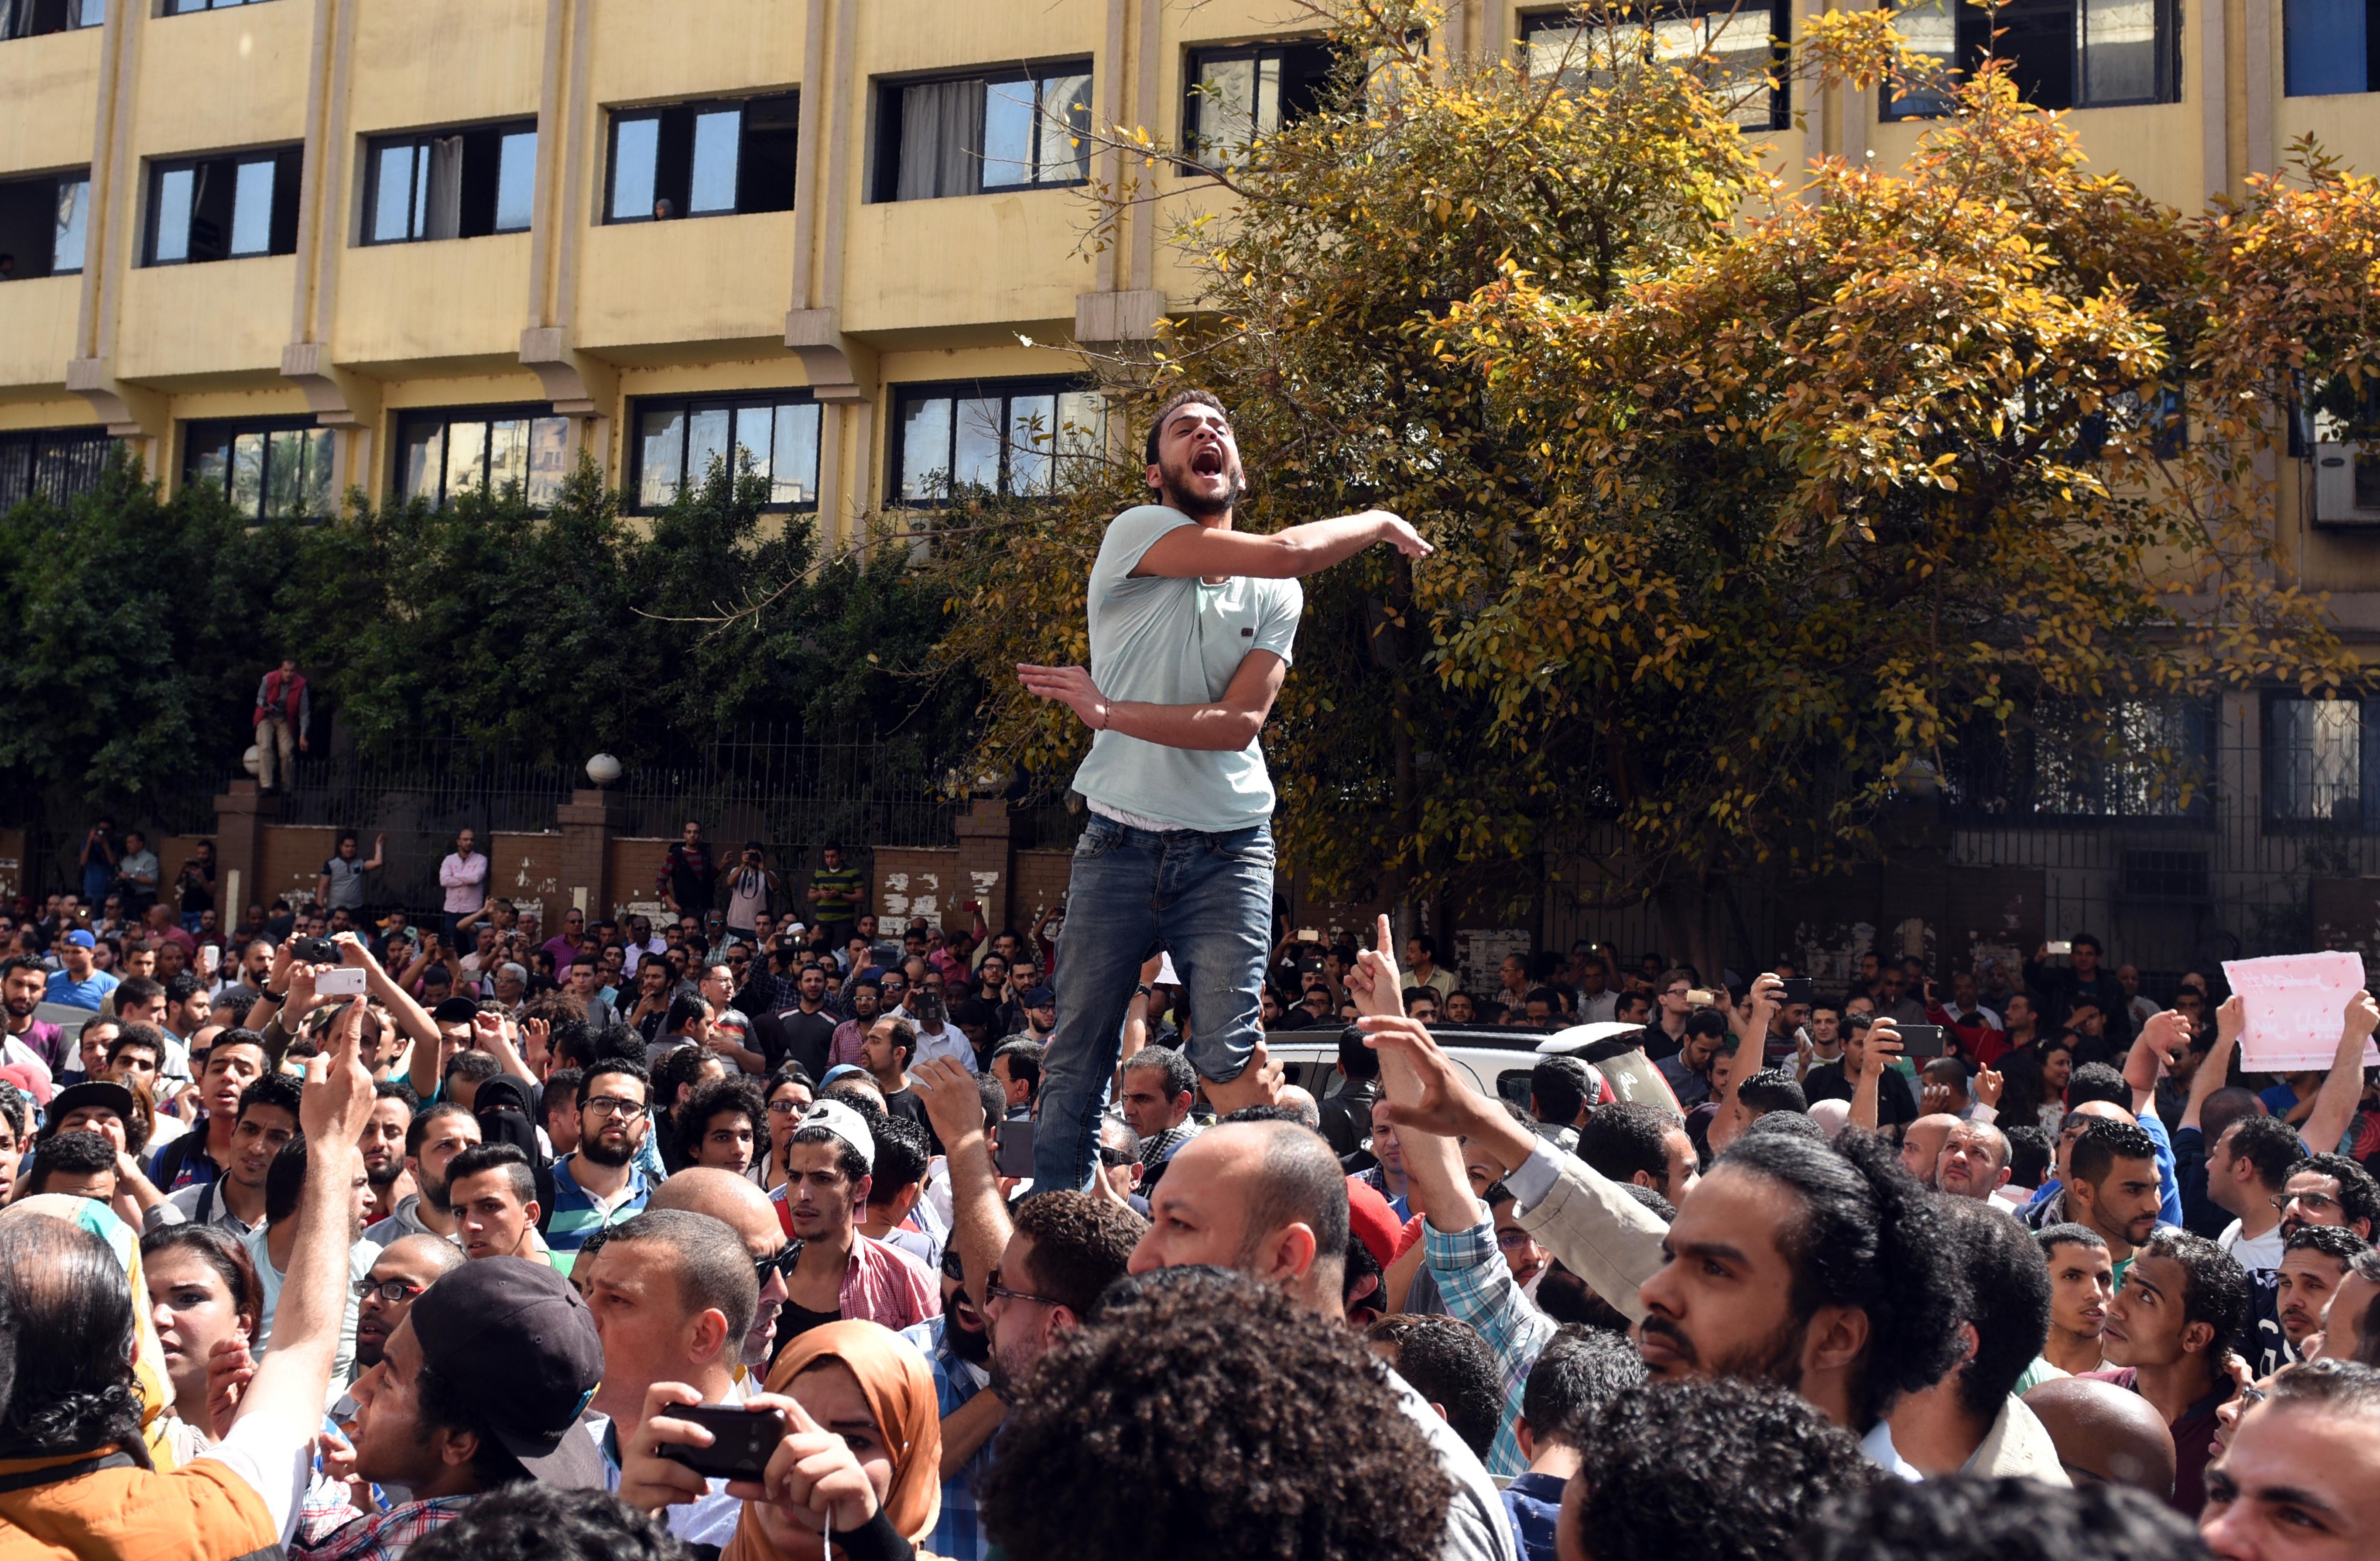 جانب من الاحتجاجات وسط القاهرة على توقيع اتفاقية ترسيم الحدود البحرية مع السعودية في نيسان/أبريل